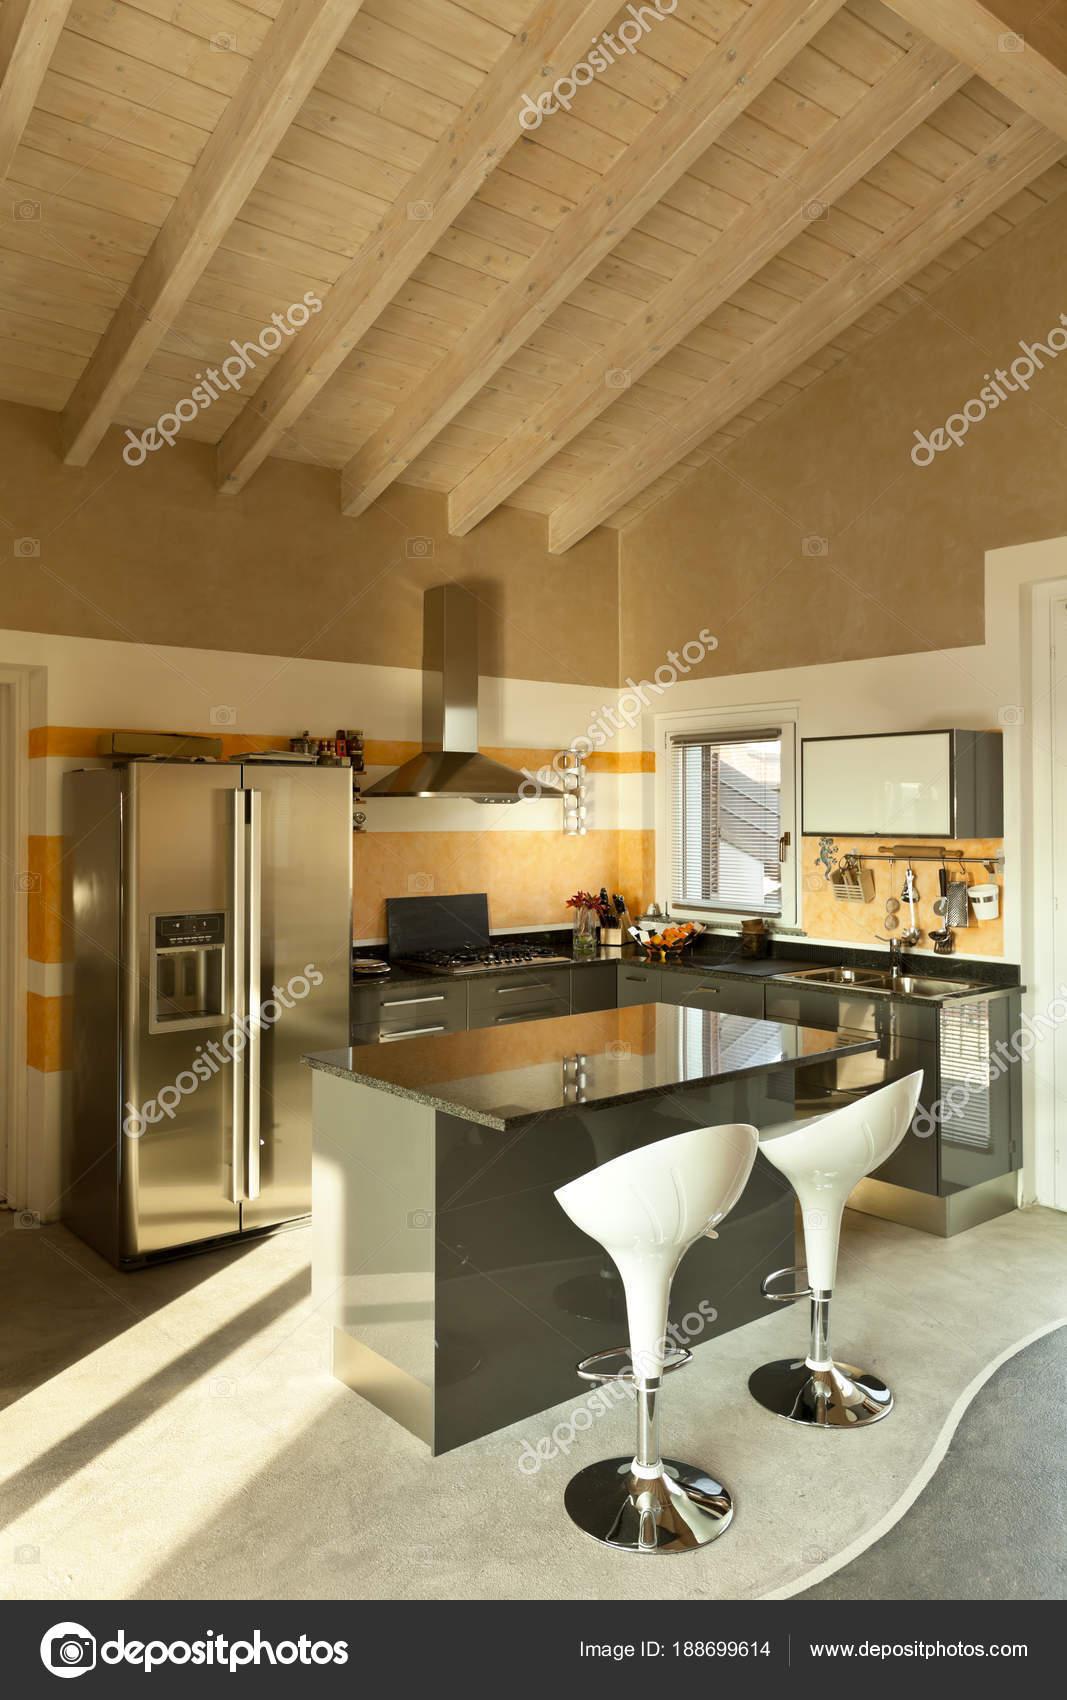 Loft Interior Nova Decorado Ilha Cozinha Com Duas Cadeiras Stock